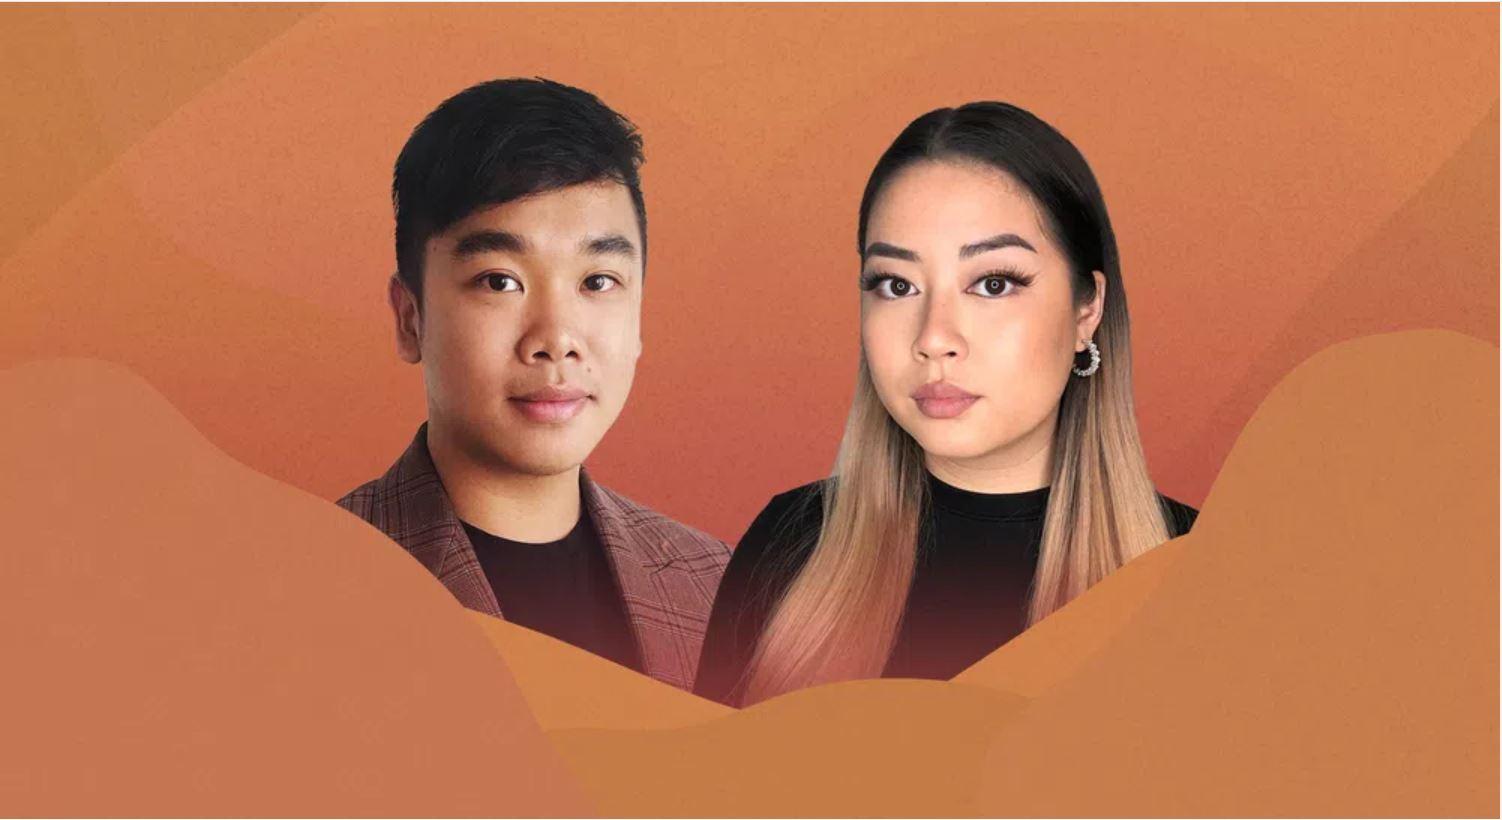 Eine Portraitaufnahme von Minh und Trang Nguyen wird von oranger Masse umrahmt. Sie sind Vietdeutsche, haben braune Augen und schwarze Haare, die bei Minh in blond übergehen.